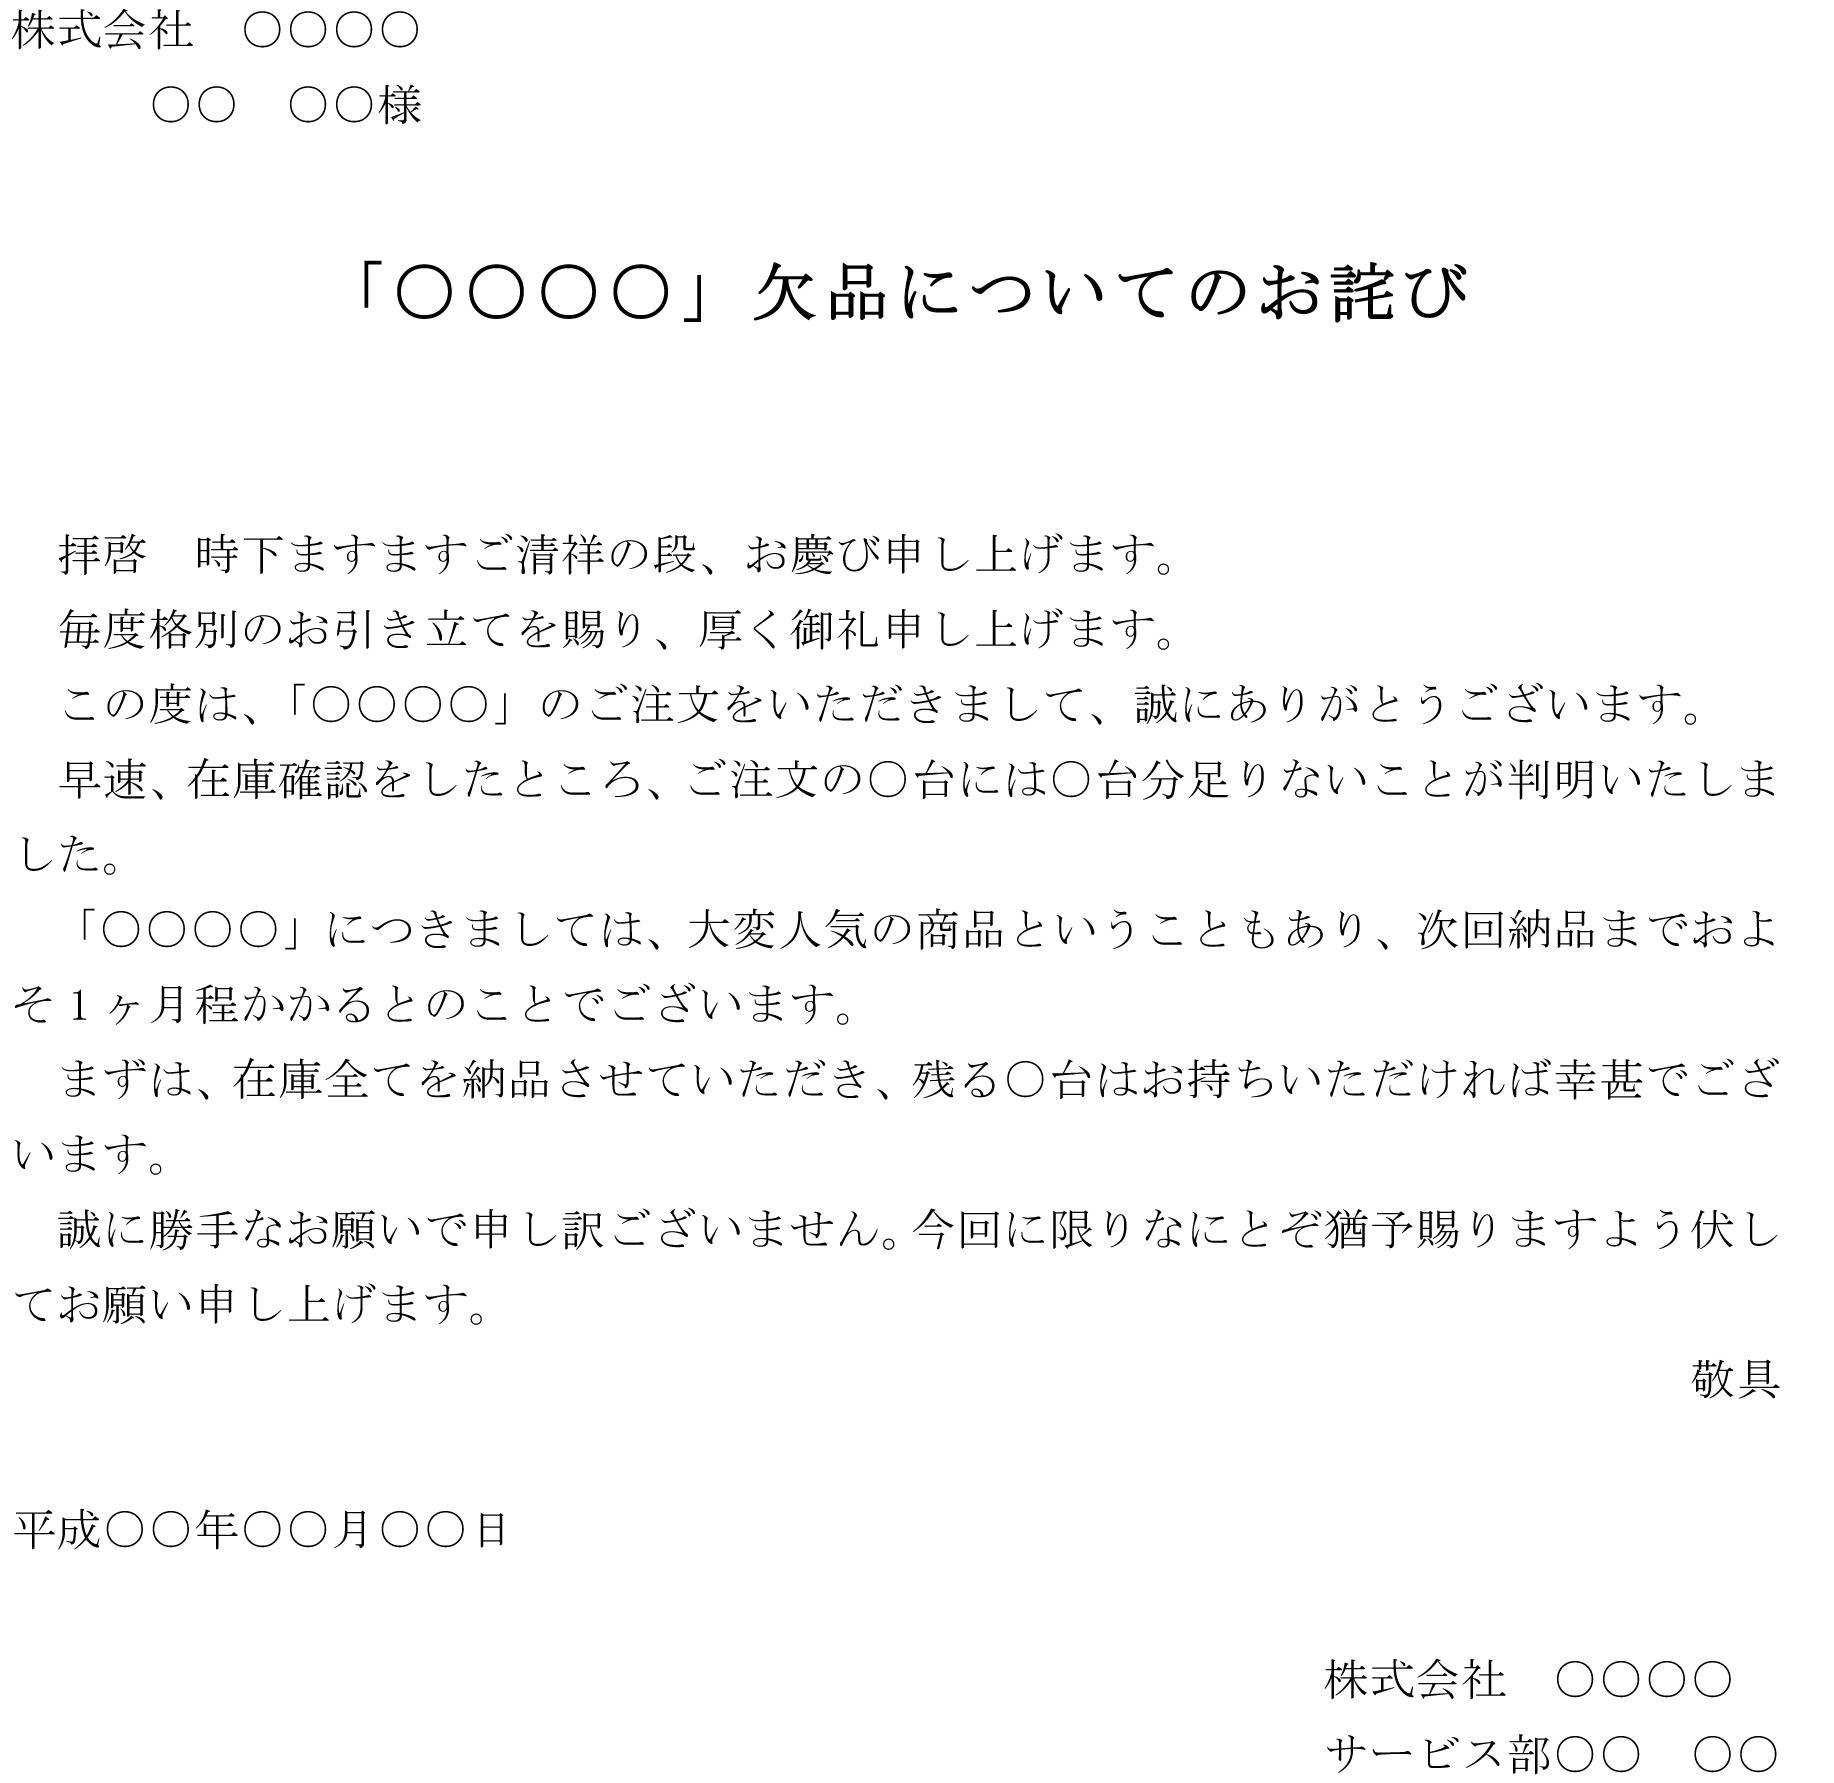 お詫び状(欠品)